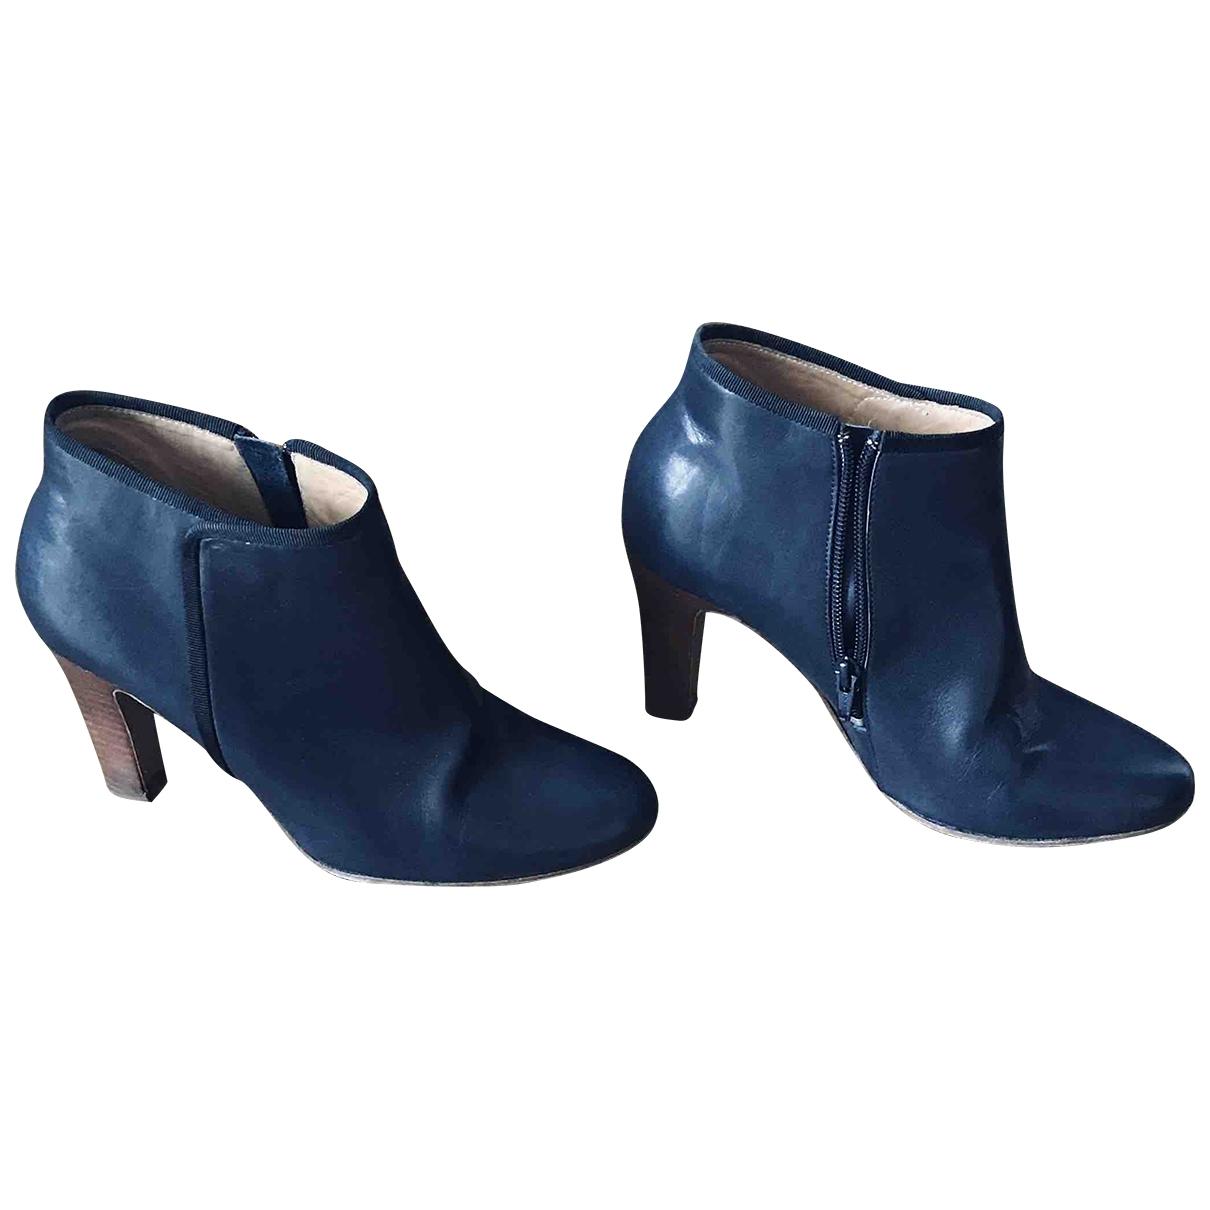 Sezane - Boots   pour femme en cuir - bleu